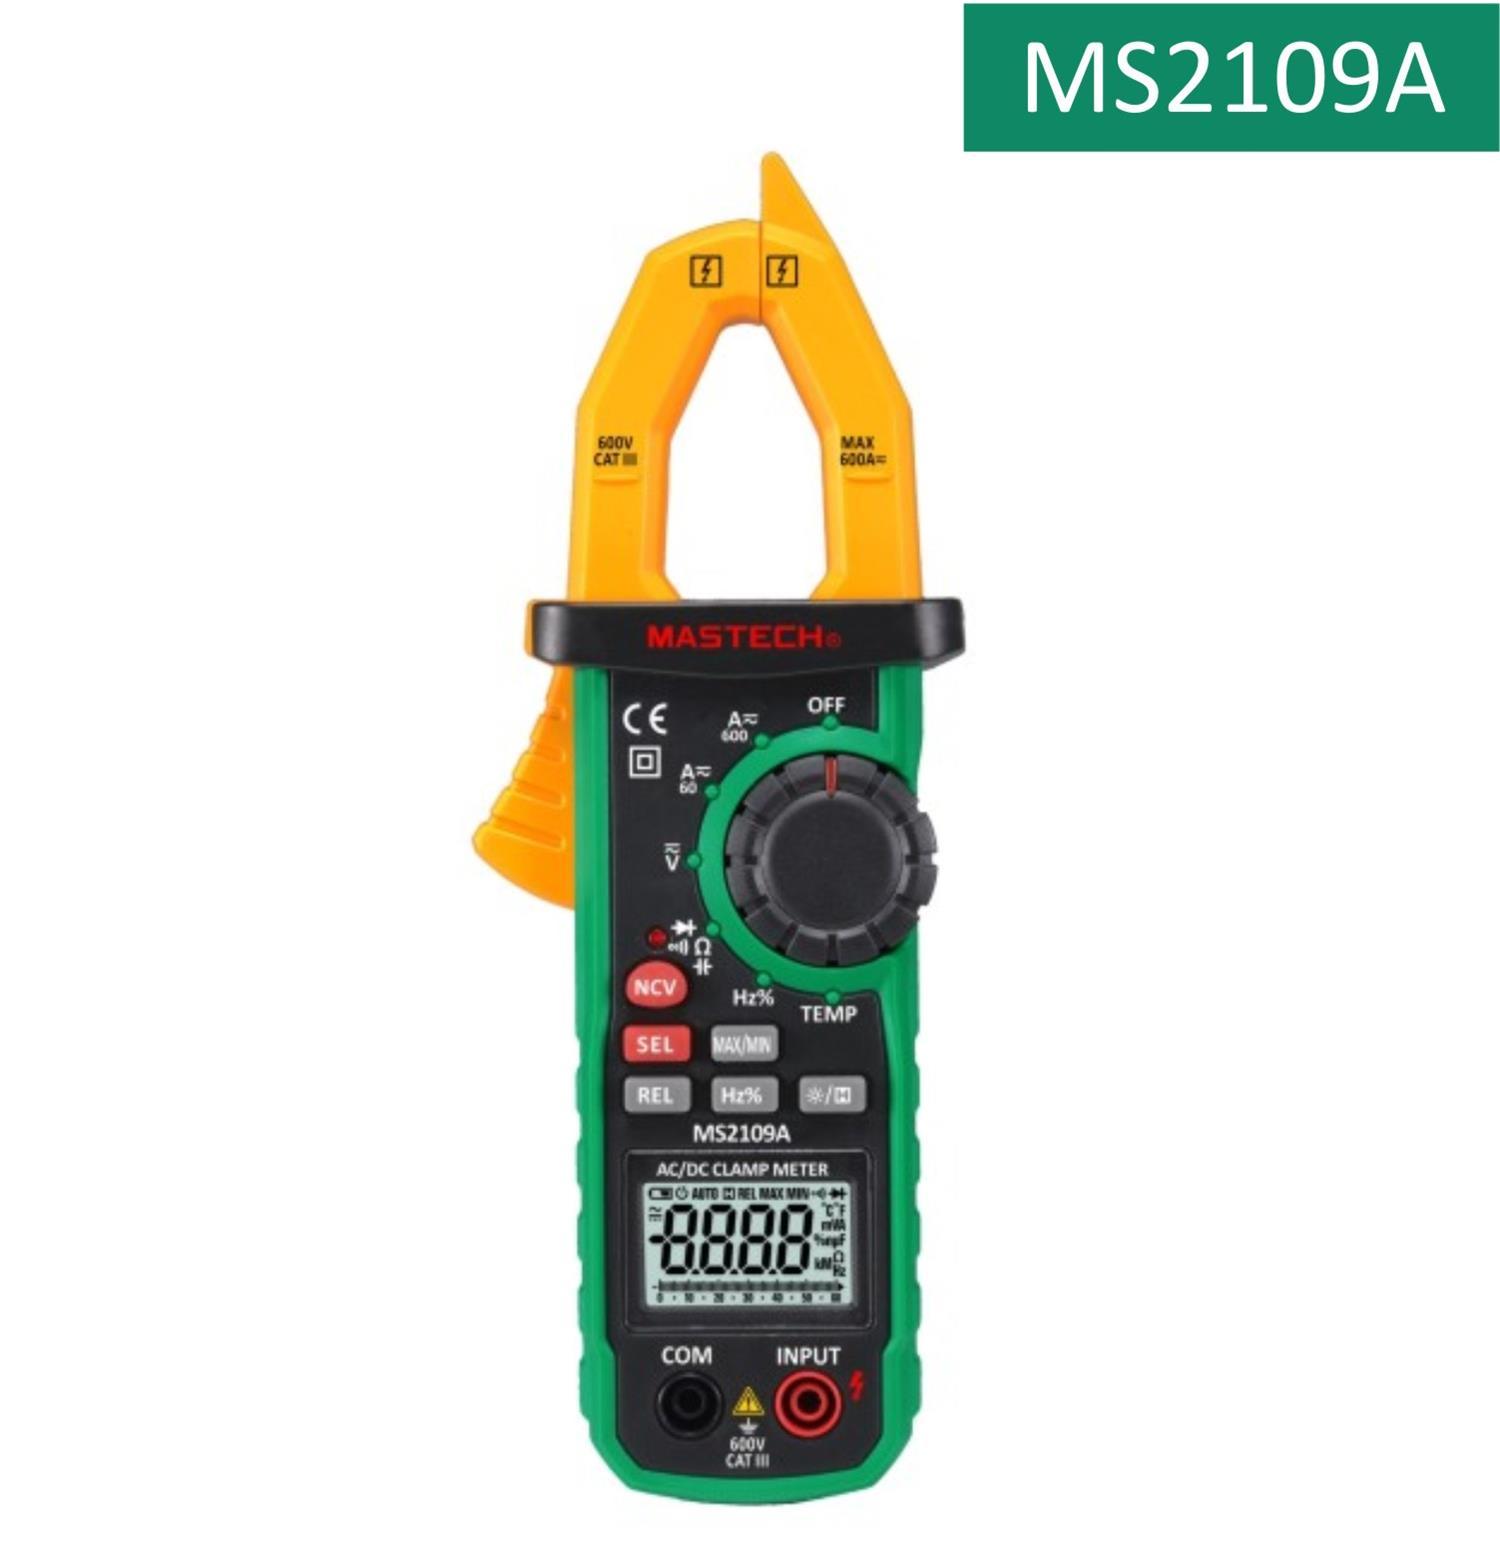 MS2109A